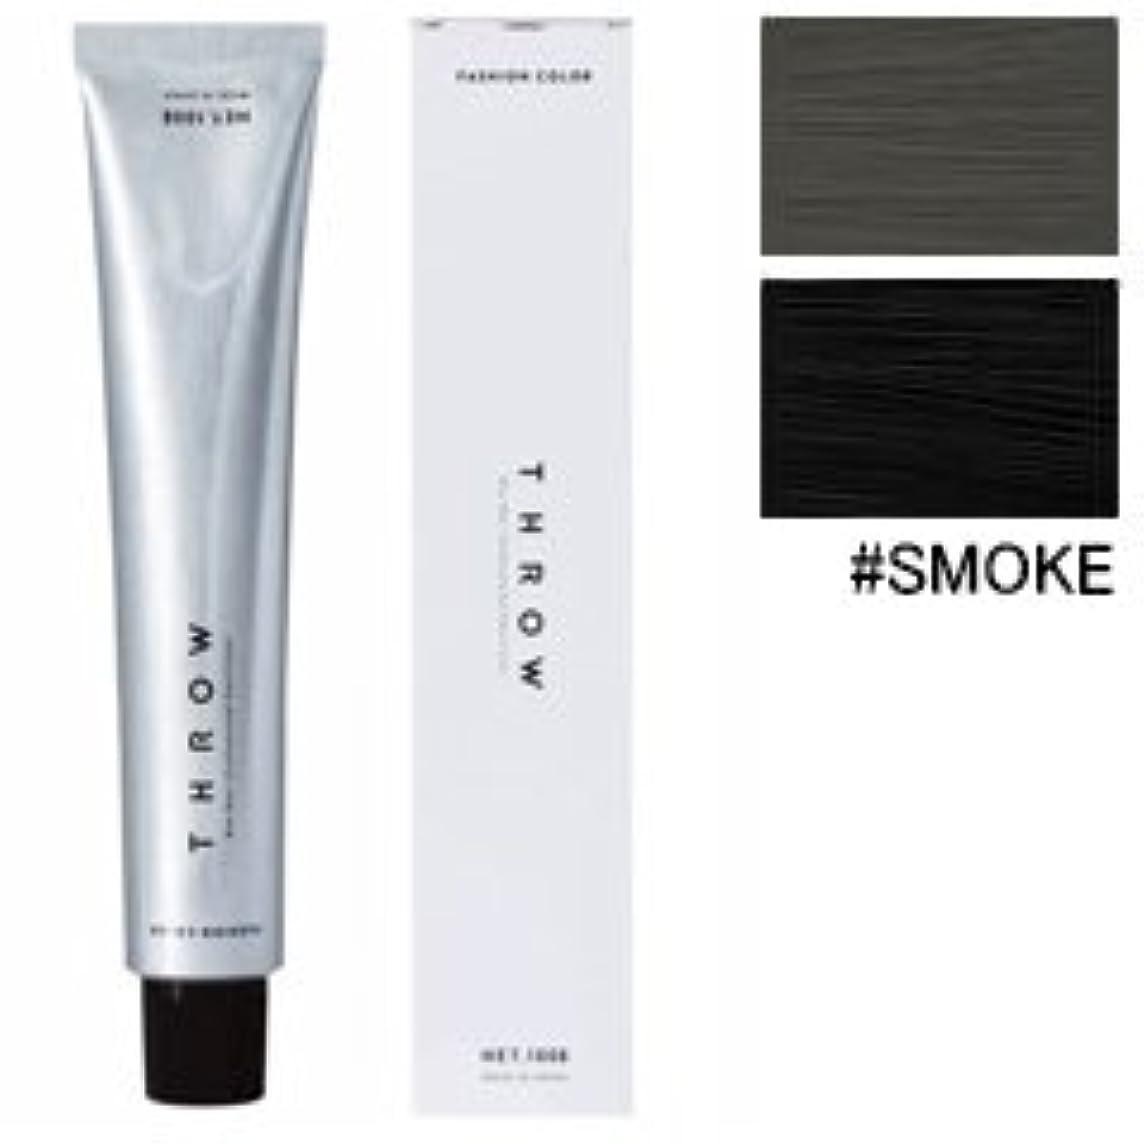 公爵夫人マスクラウンジ【モルトベーネ】スロウ ファッションカラー #SMOKE 100g